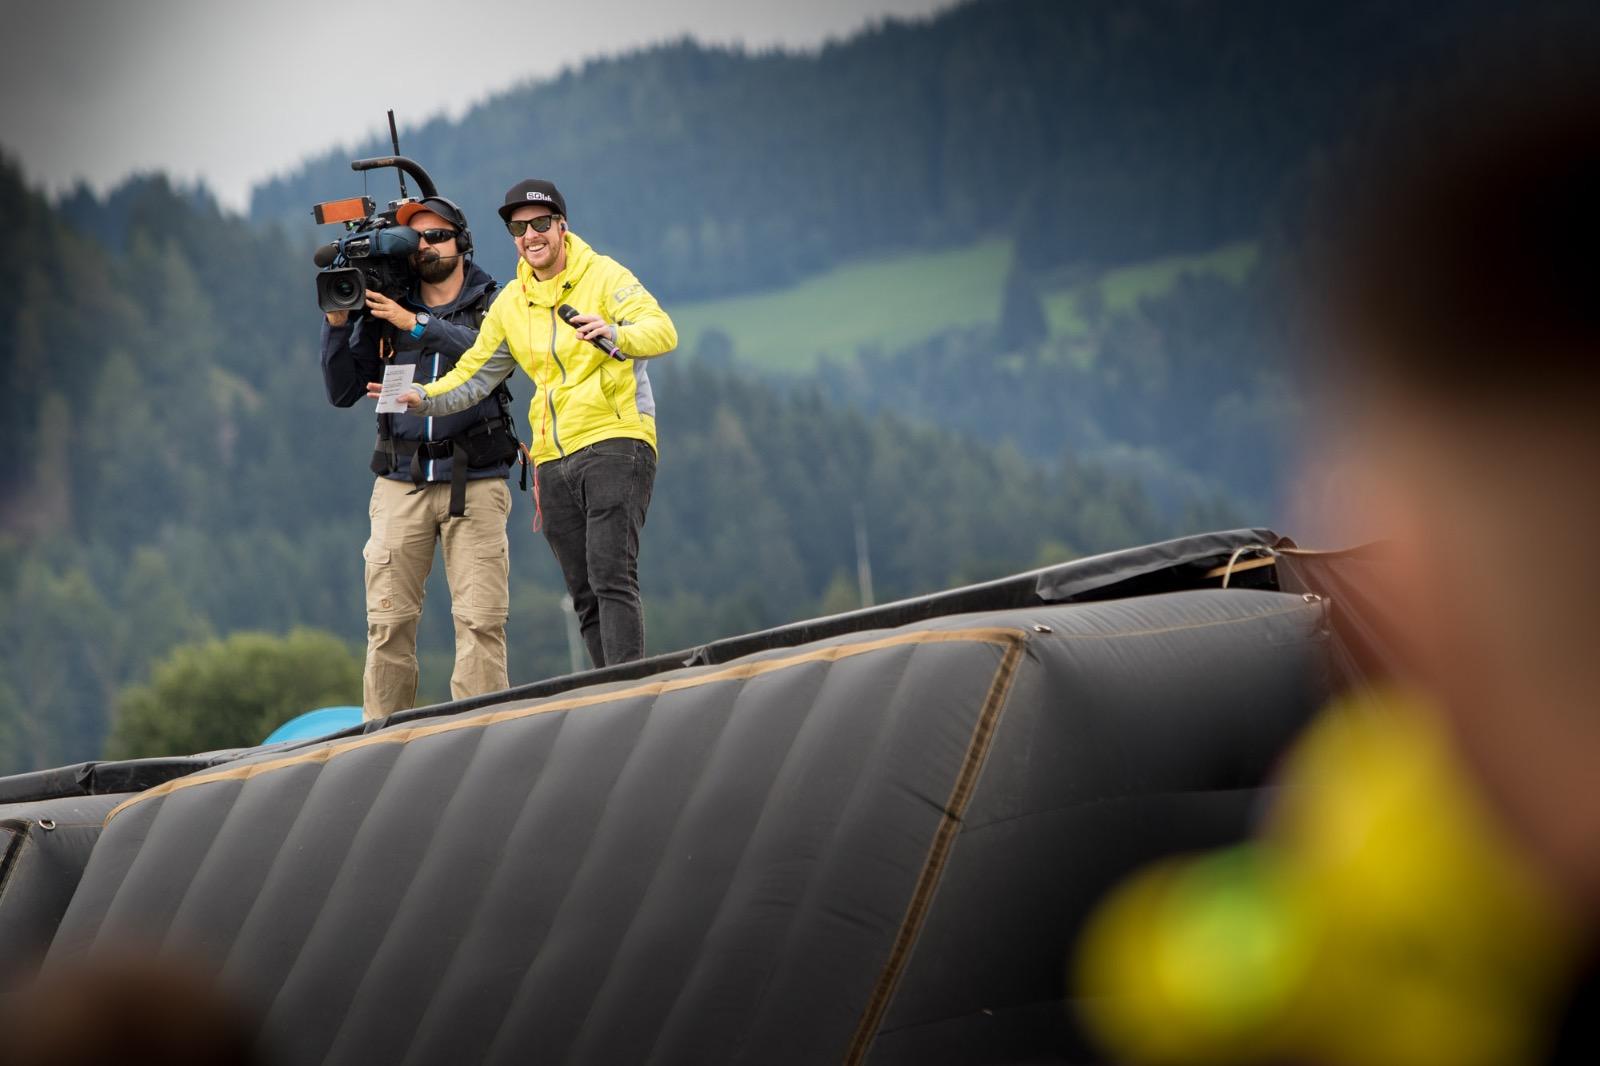 11.-14.8.2016 Spielberg MOTO GP Fanvillage